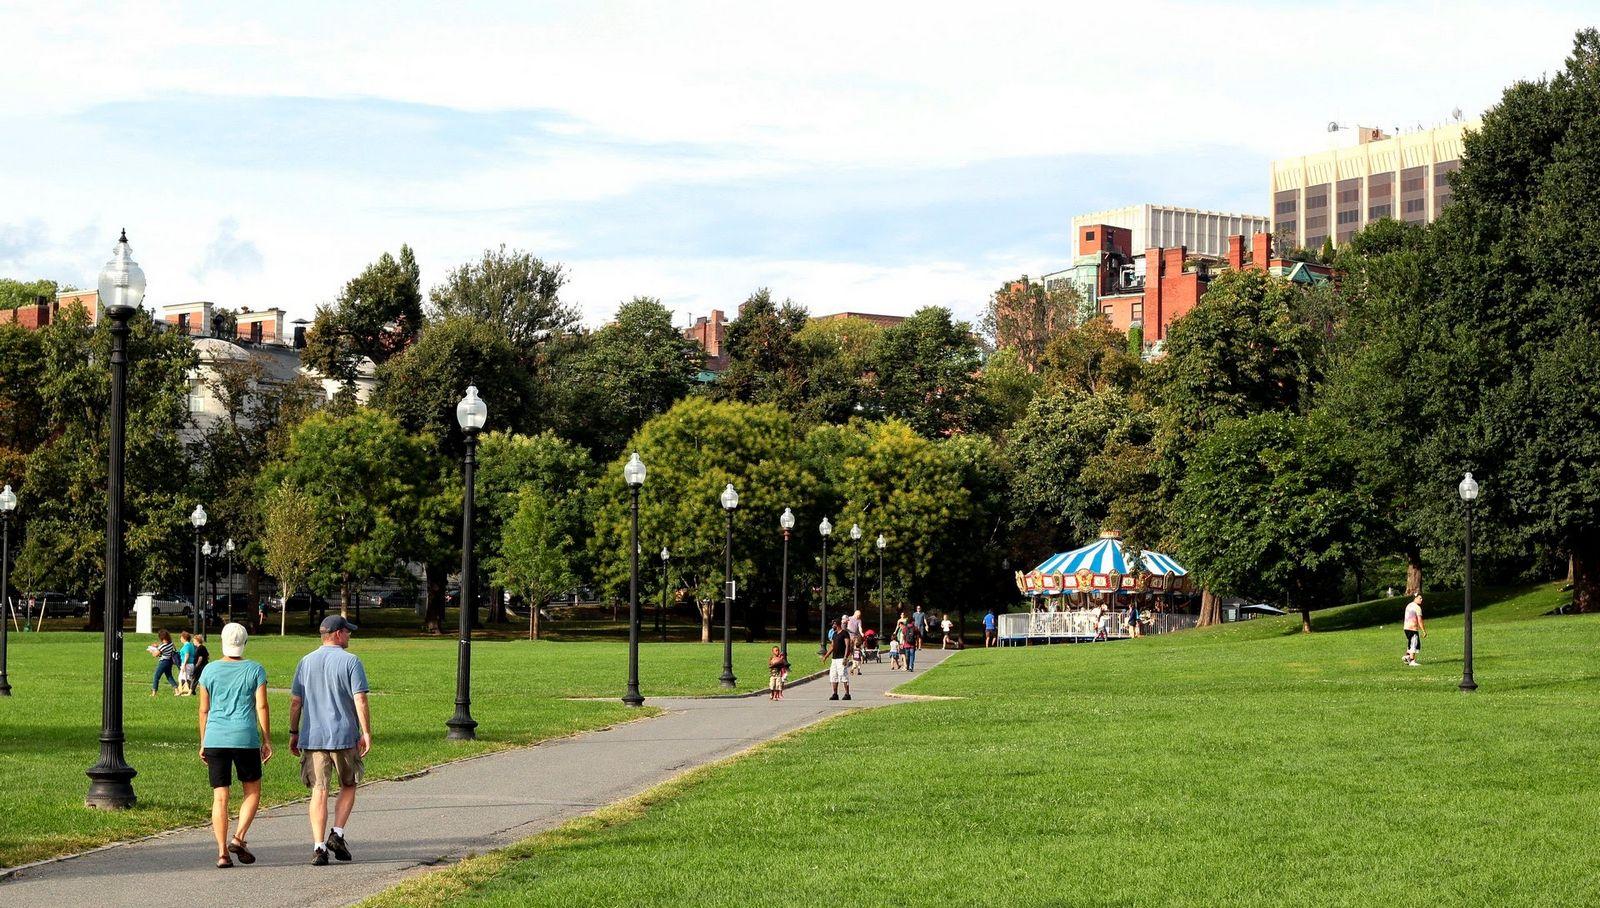 El Boston Common gana mucho cuando sale el sol